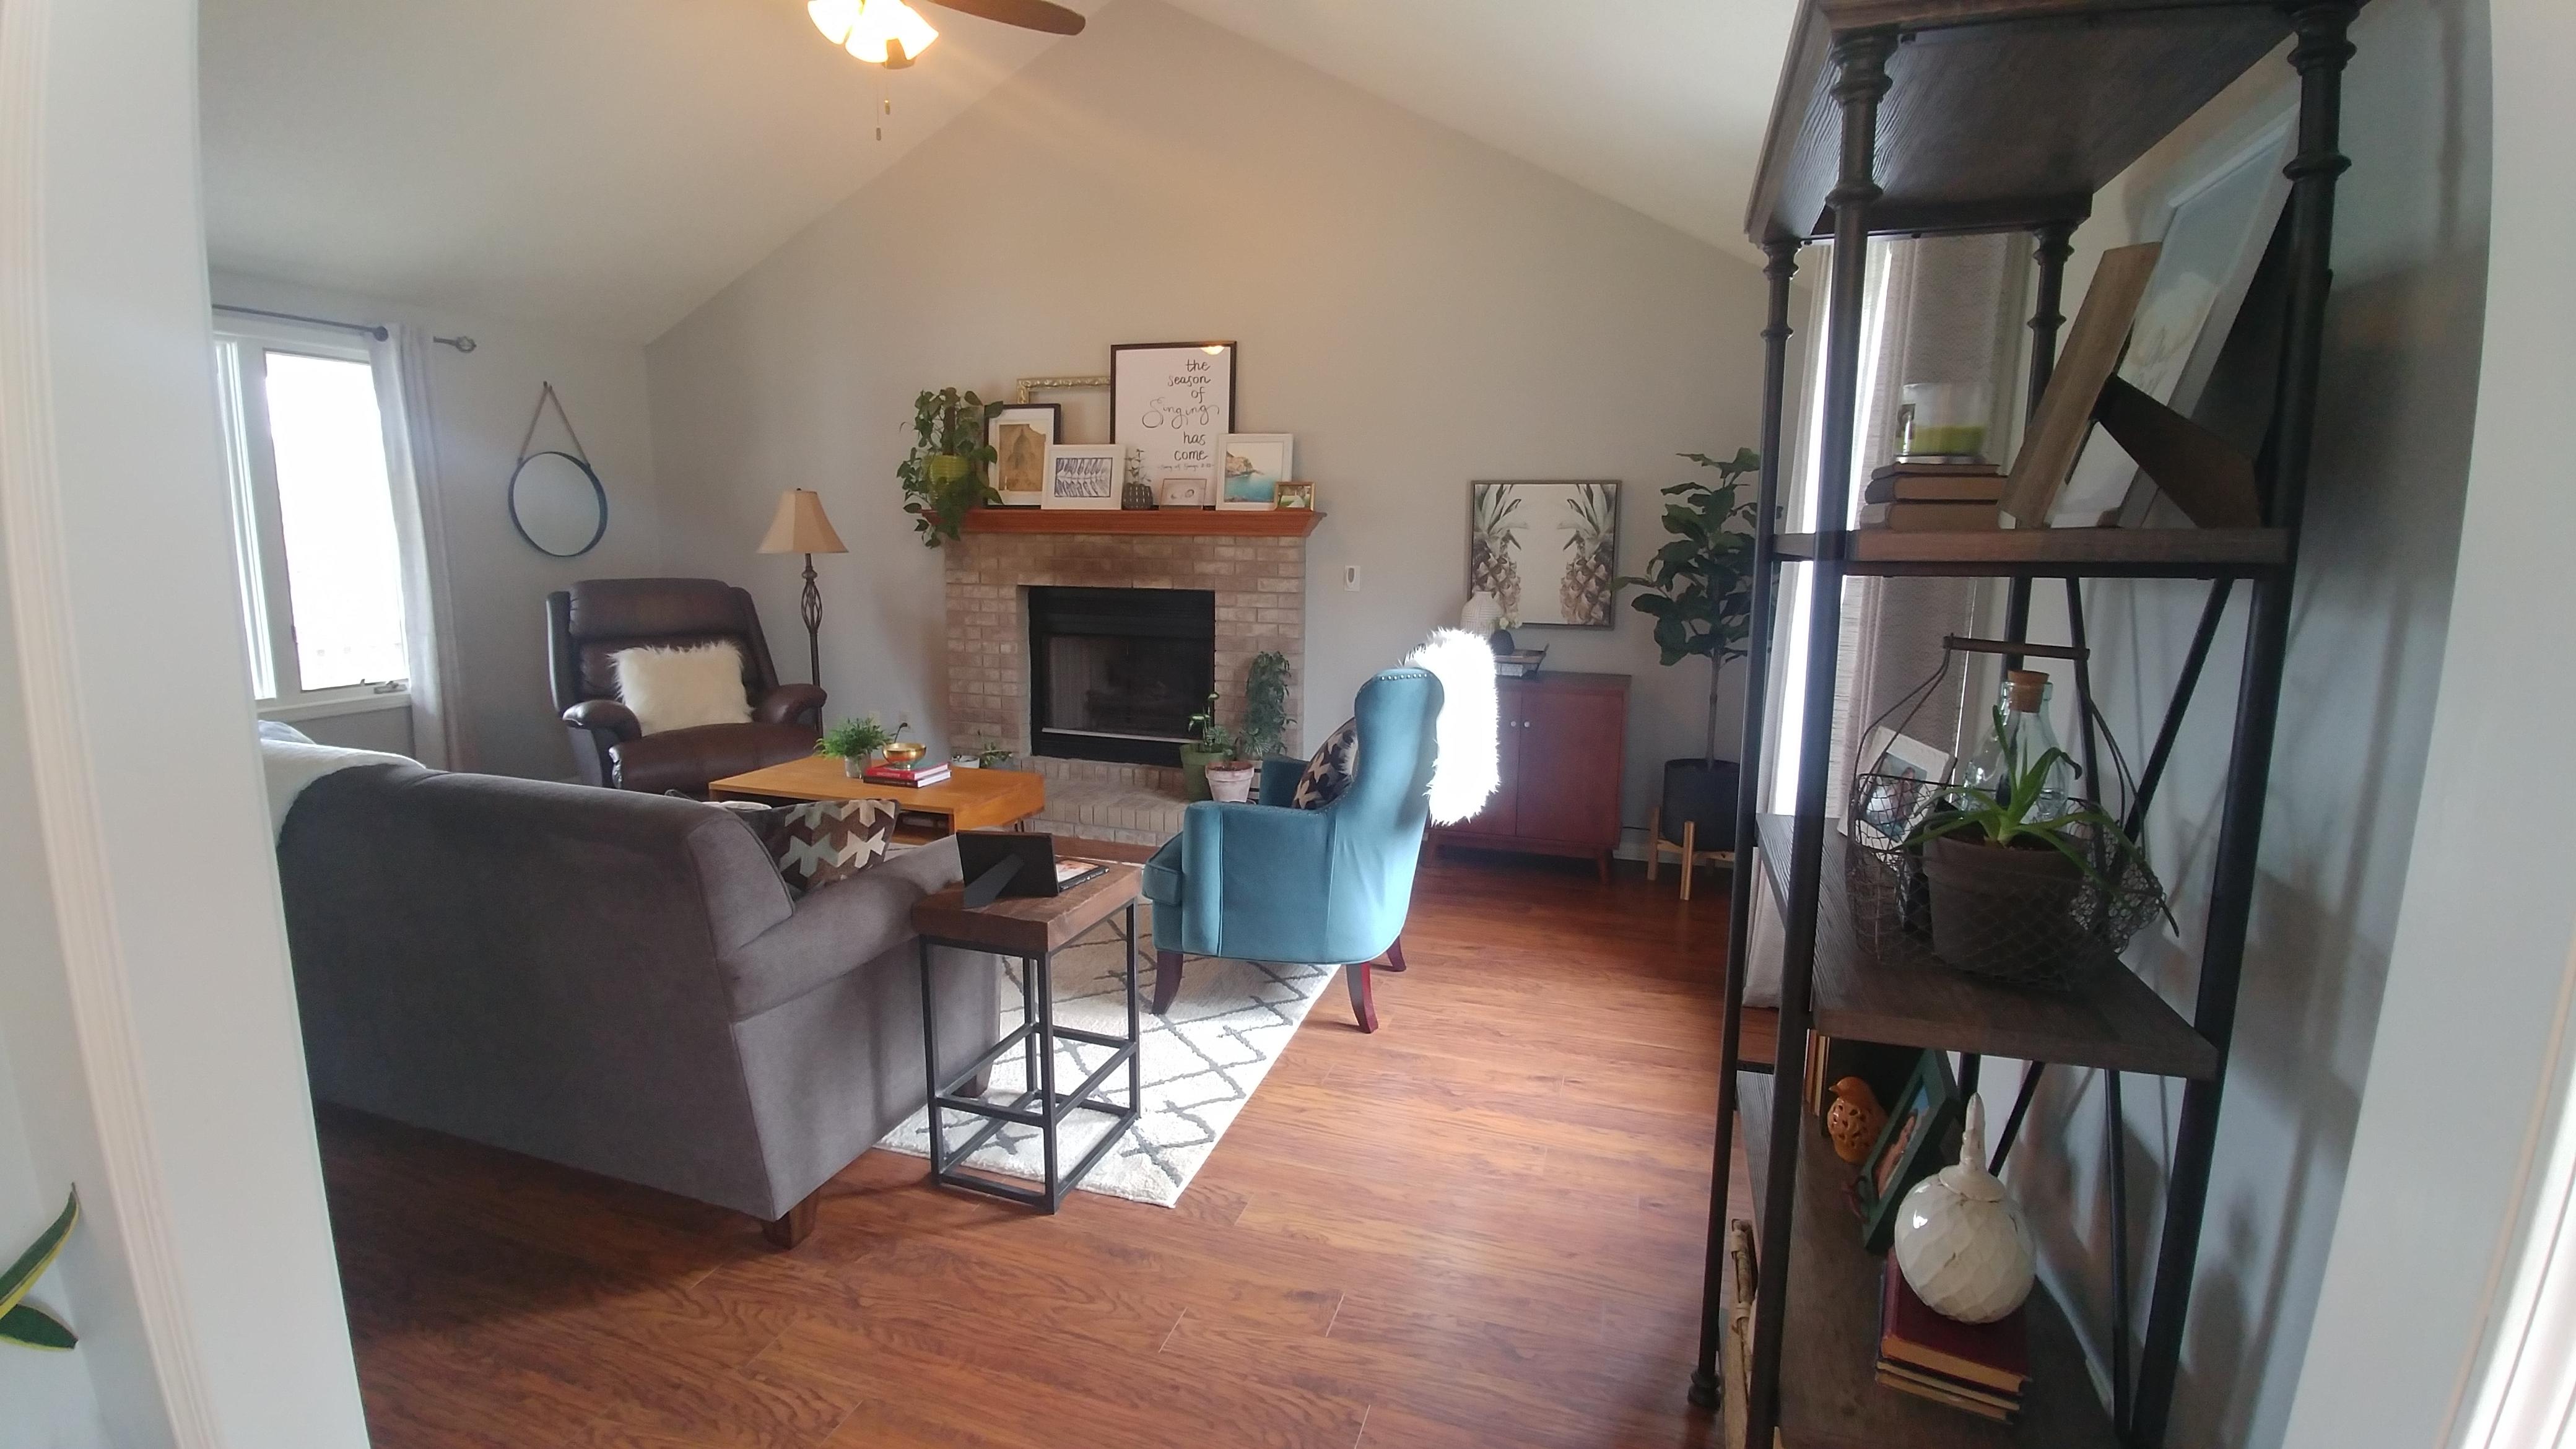 Living Room After2.jpg